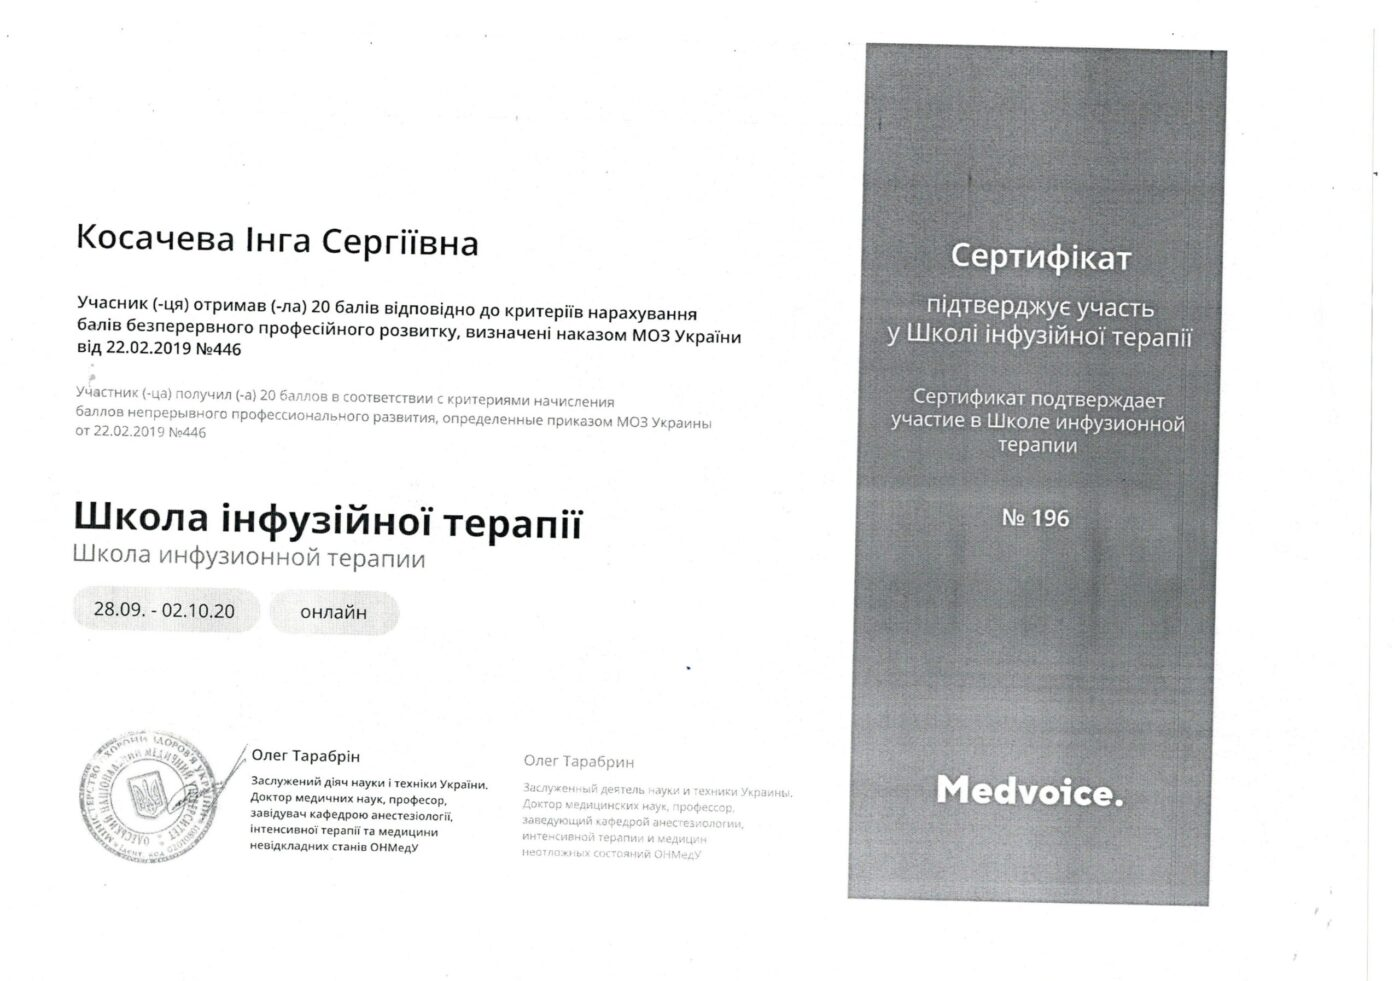 Сертифікат дитячого лікаря анестезіолога Косачевої Інги Сергіївни об участі у курсі (Школа інфузійної терапії)